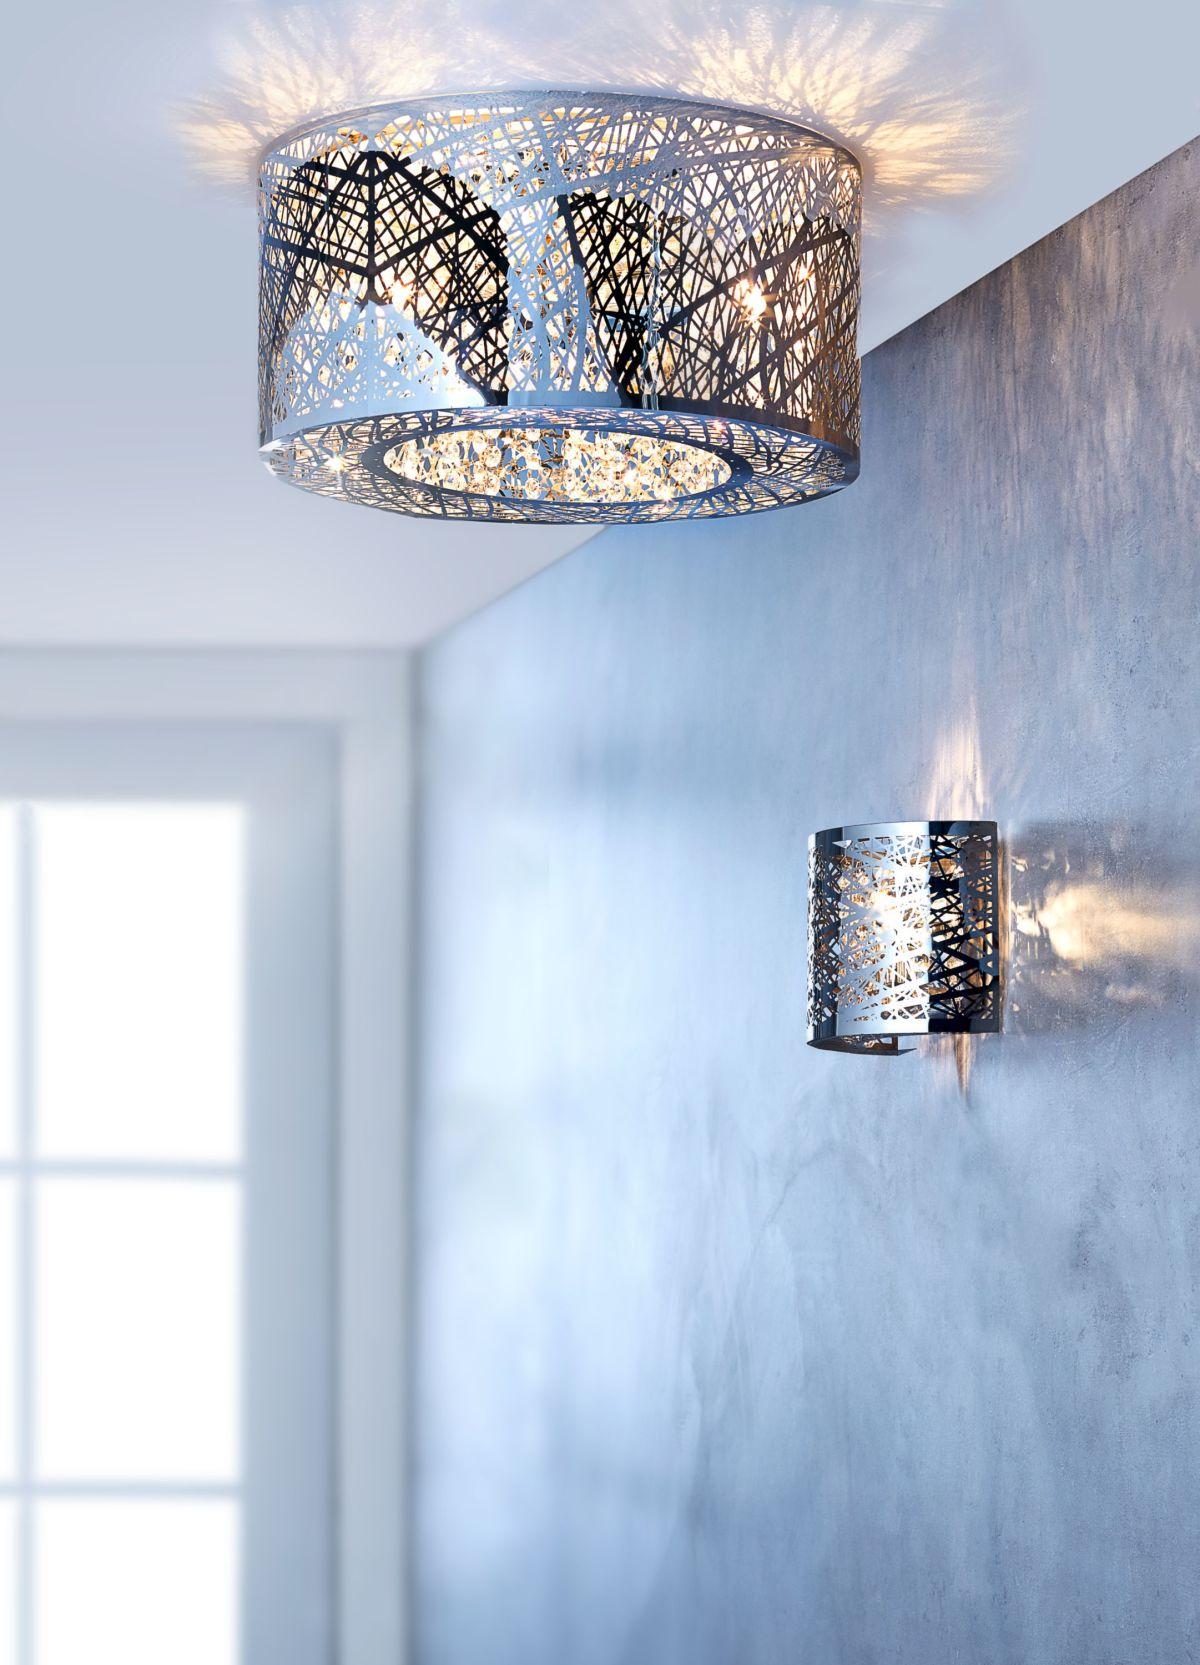 Full Size of Deckenlampe Modern Modernes Bett Wohnzimmer Bad Design Tapete Küche Bilder Deckenlampen Moderne Landhausküche Fürs Holz Schlafzimmer Deckenleuchte Sofa Wohnzimmer Deckenlampe Modern